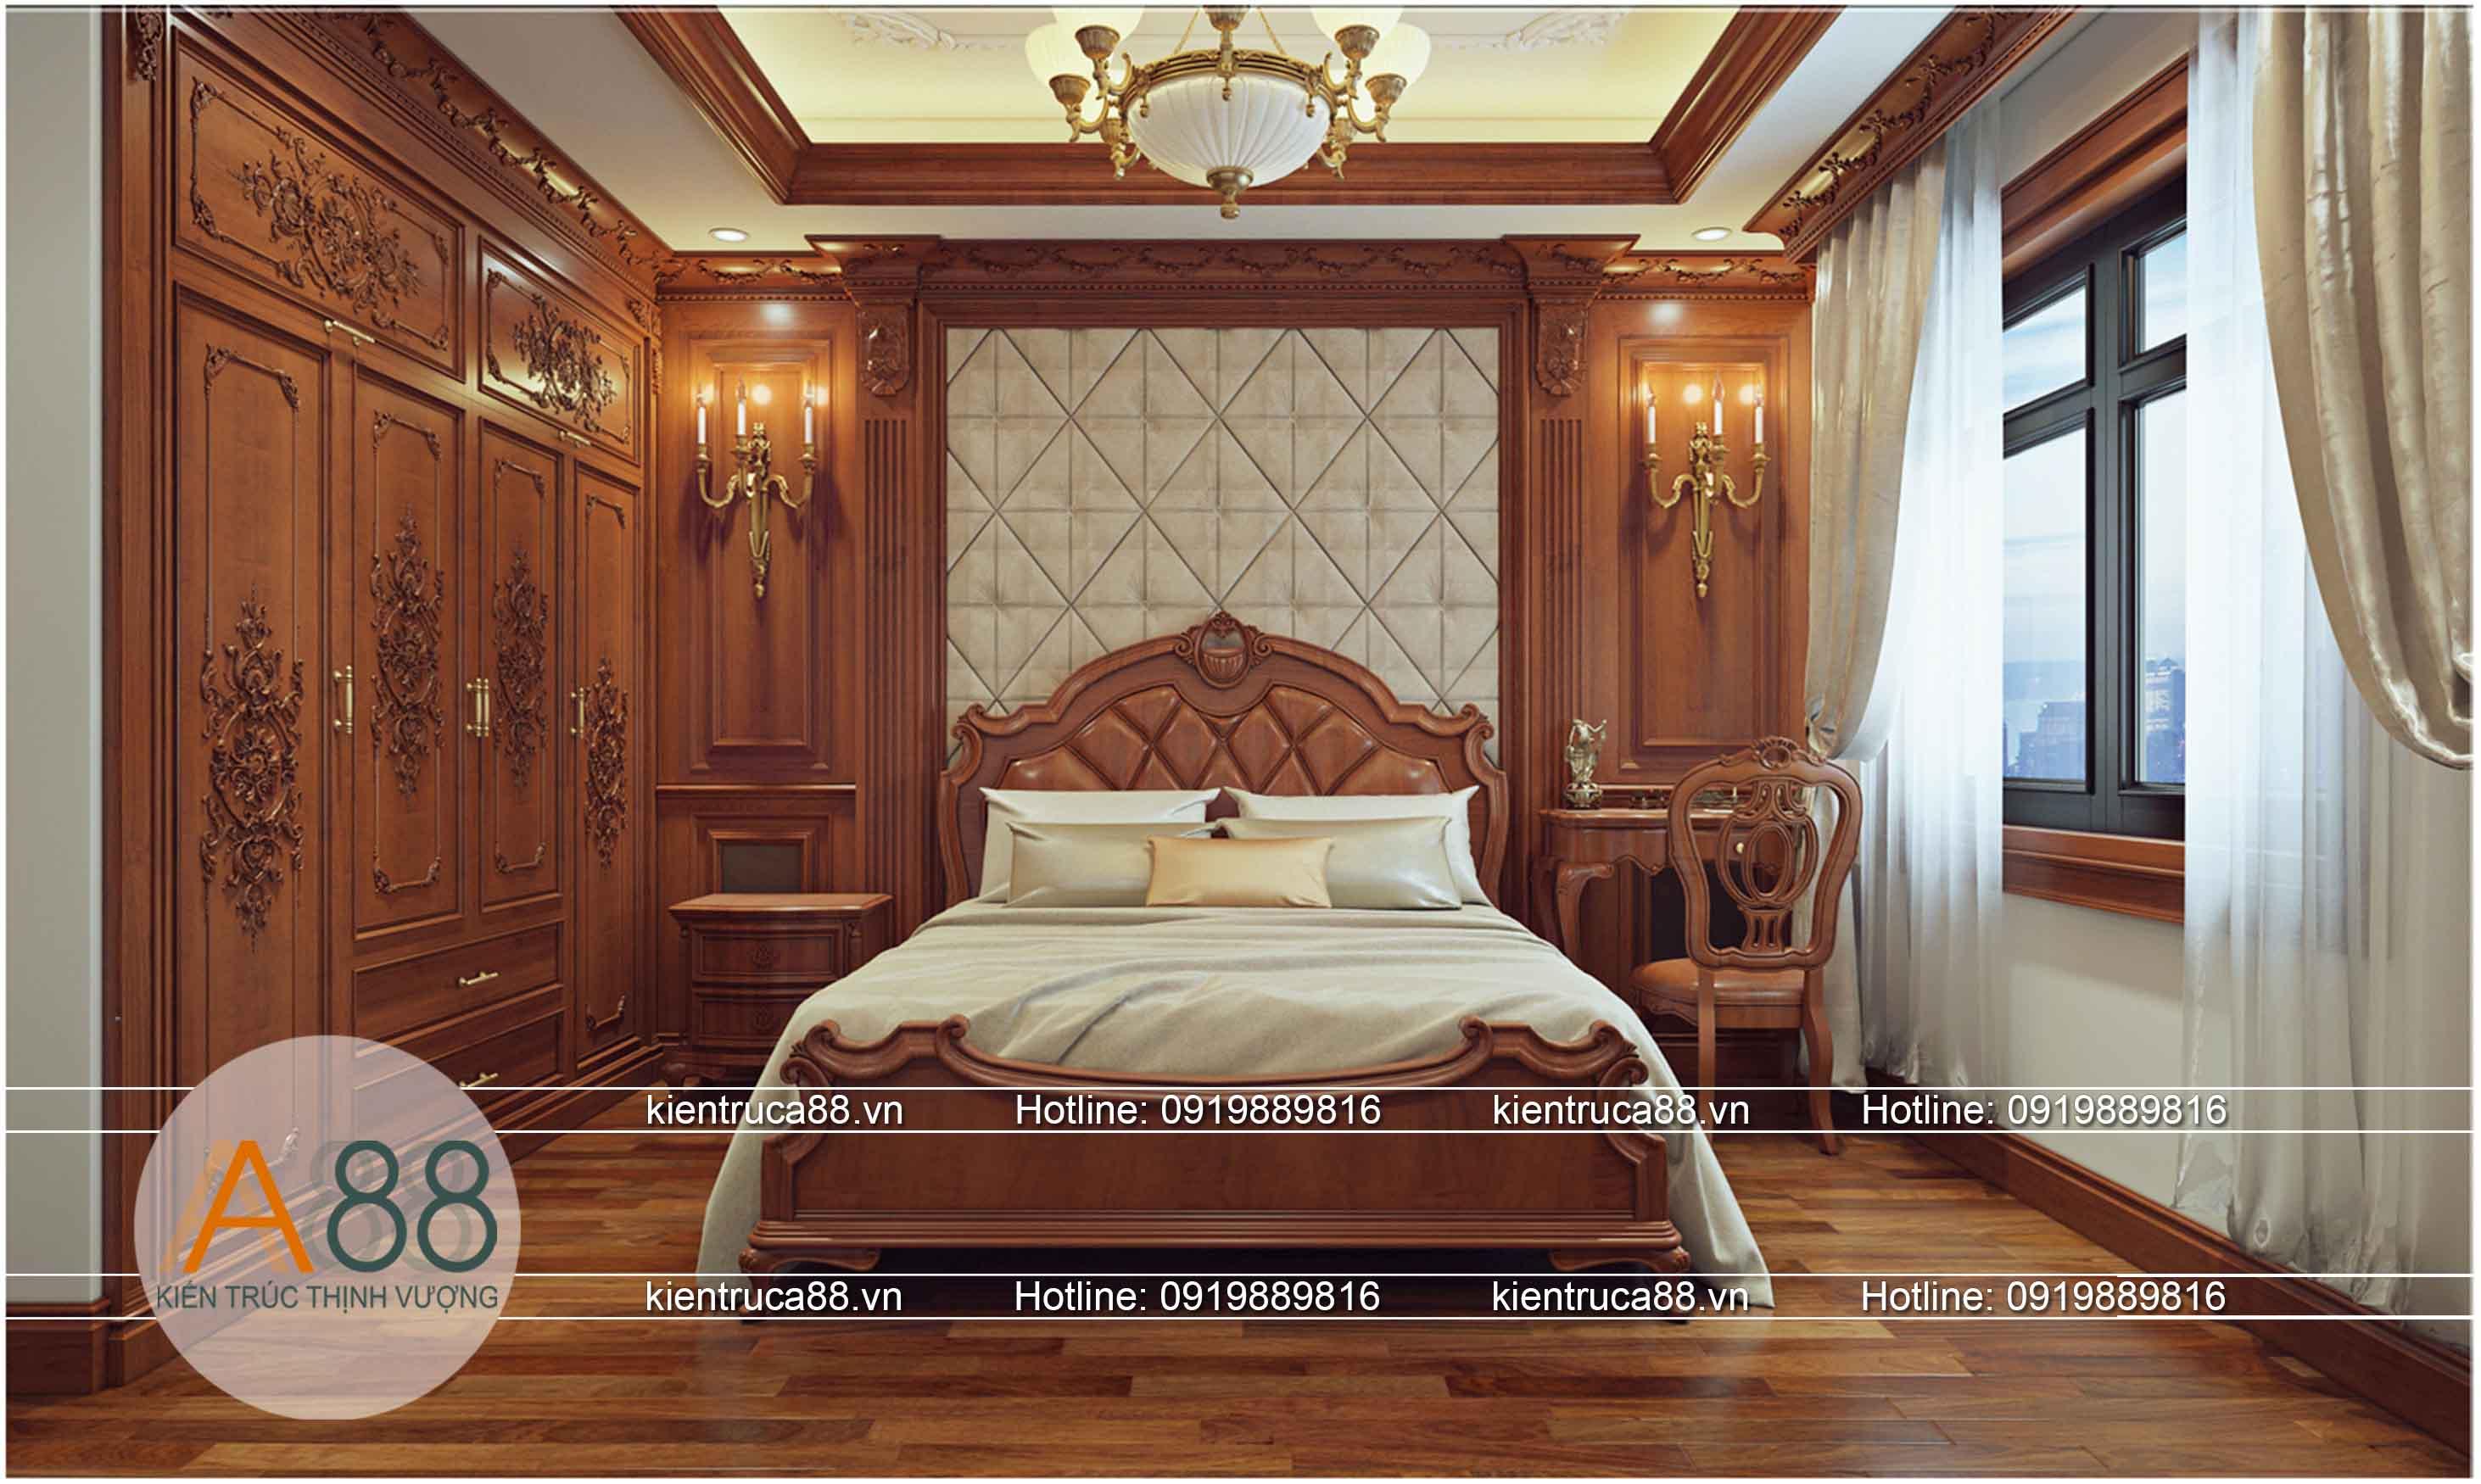 Thiết kế phòng ngủ biệt thự theo phong cách tân cổ điển